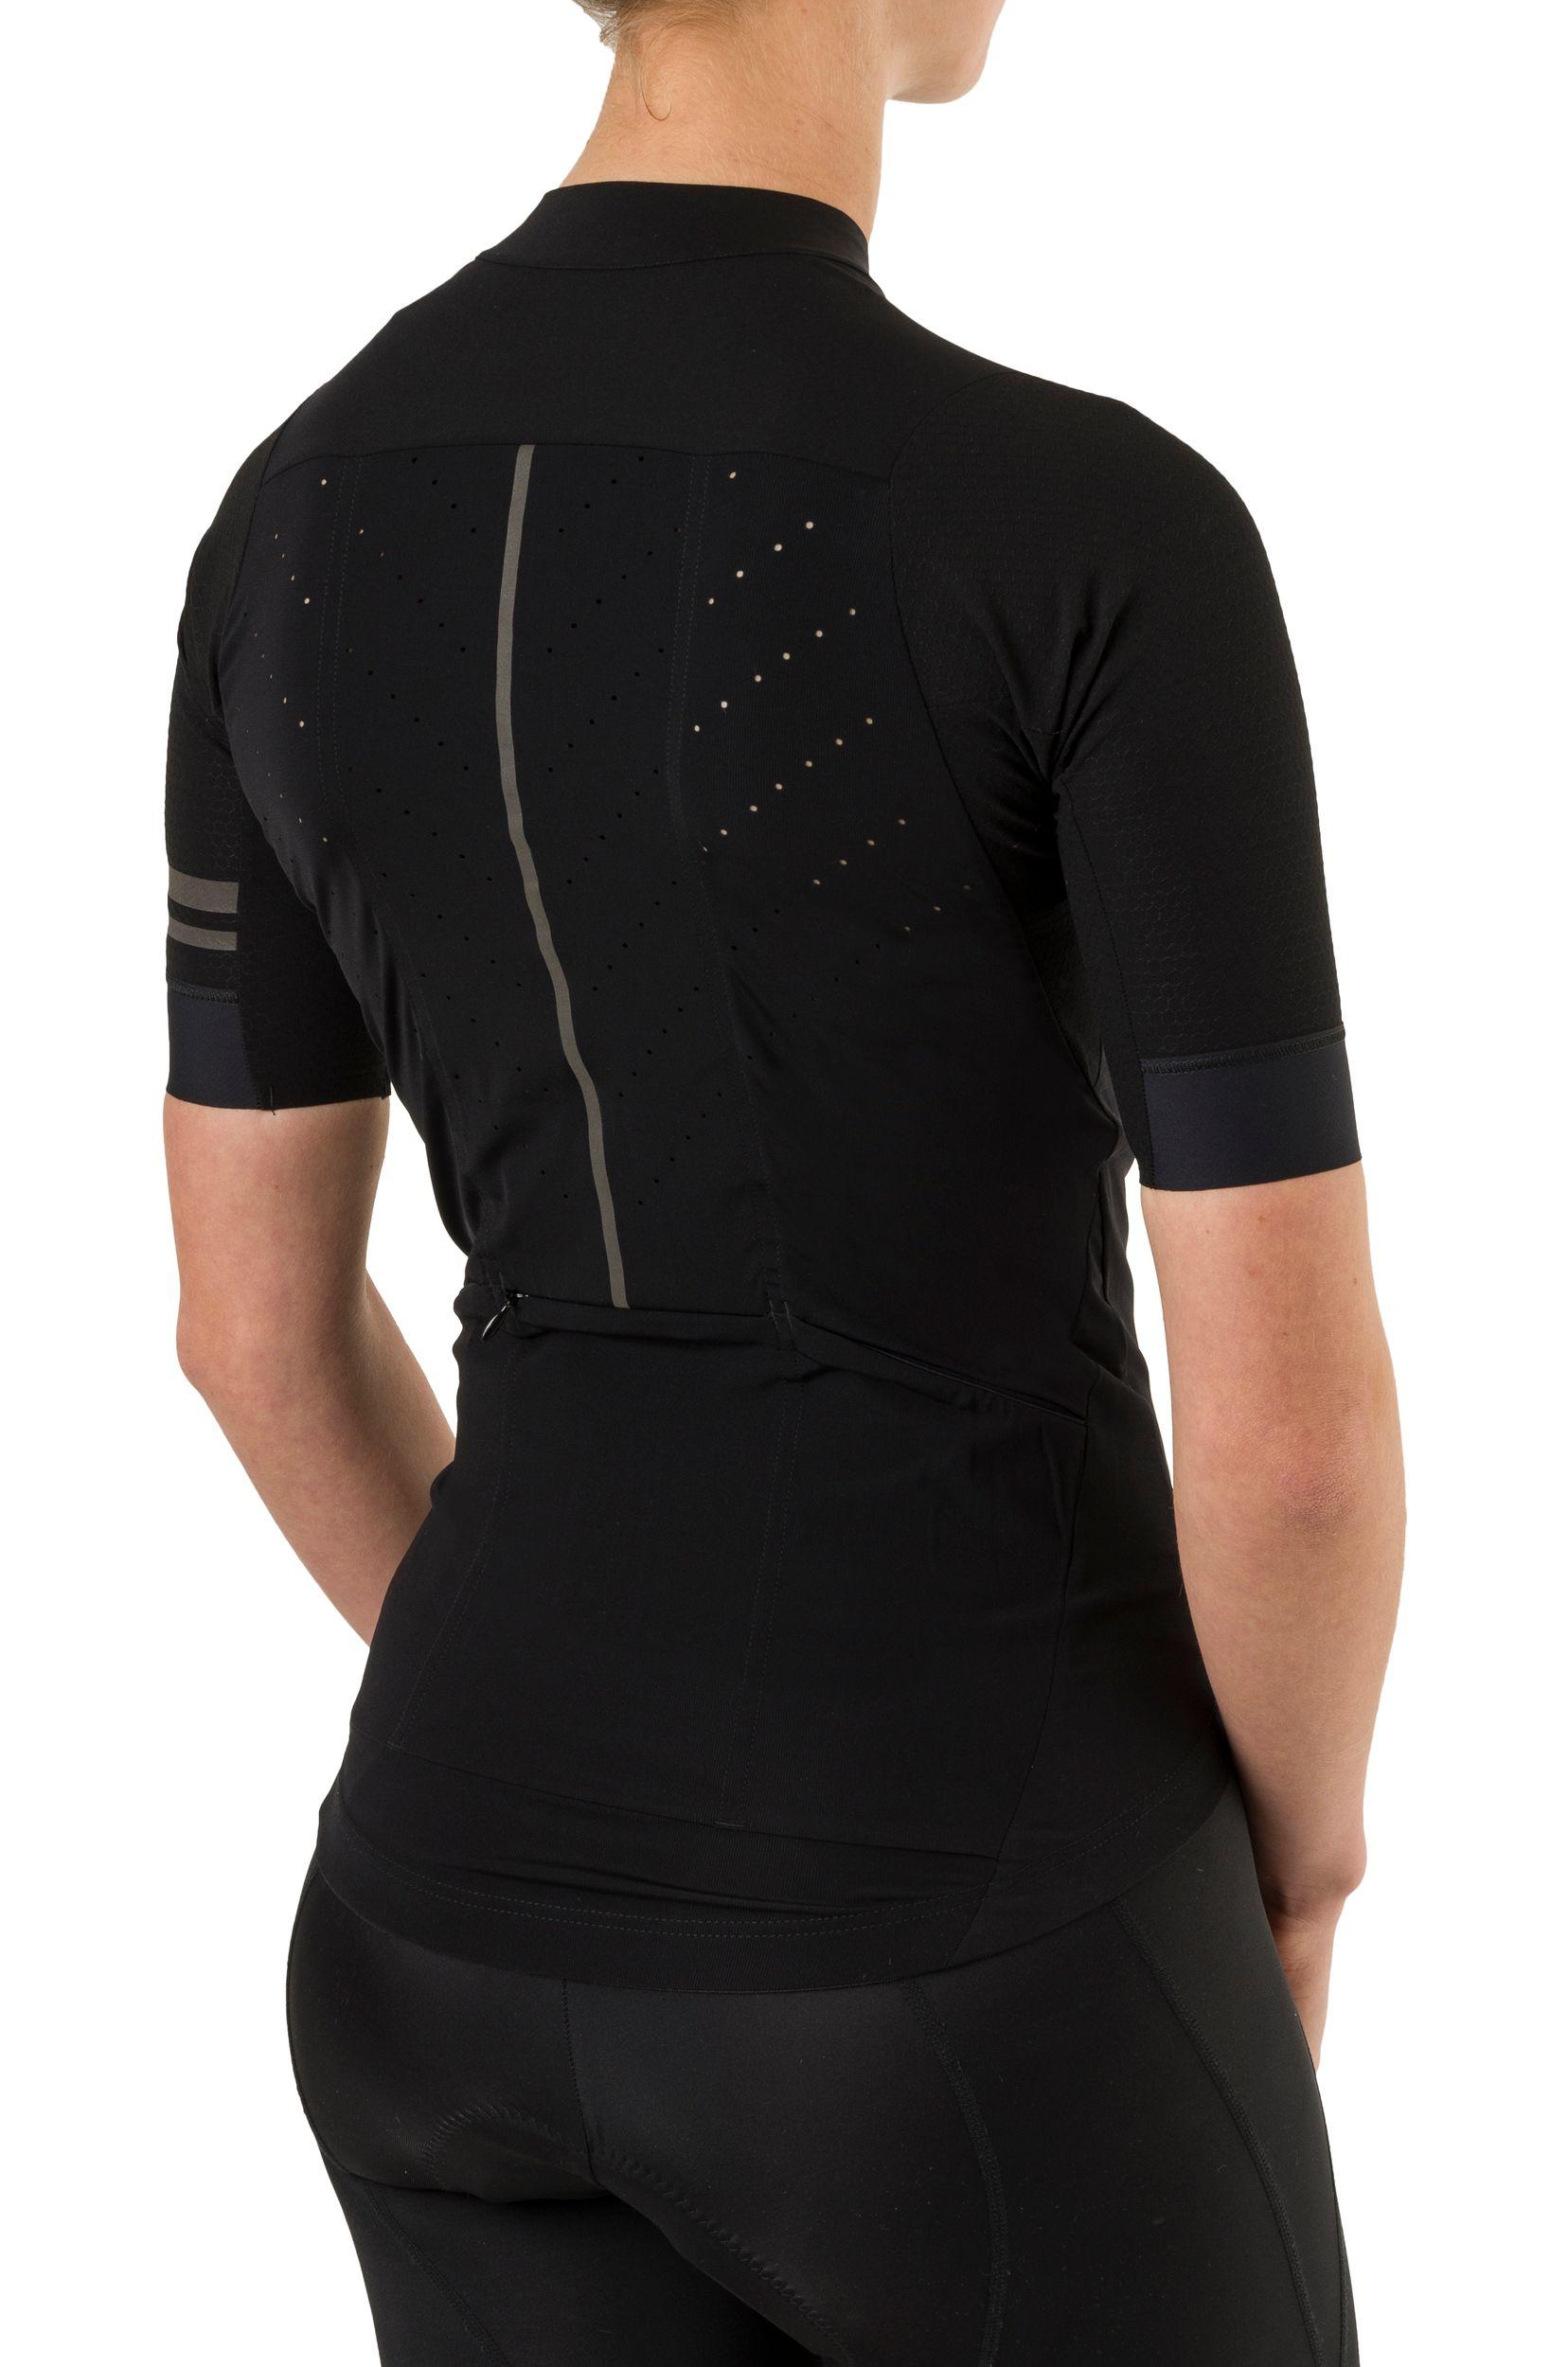 Woven Fietsshirt Premium Dames fit example